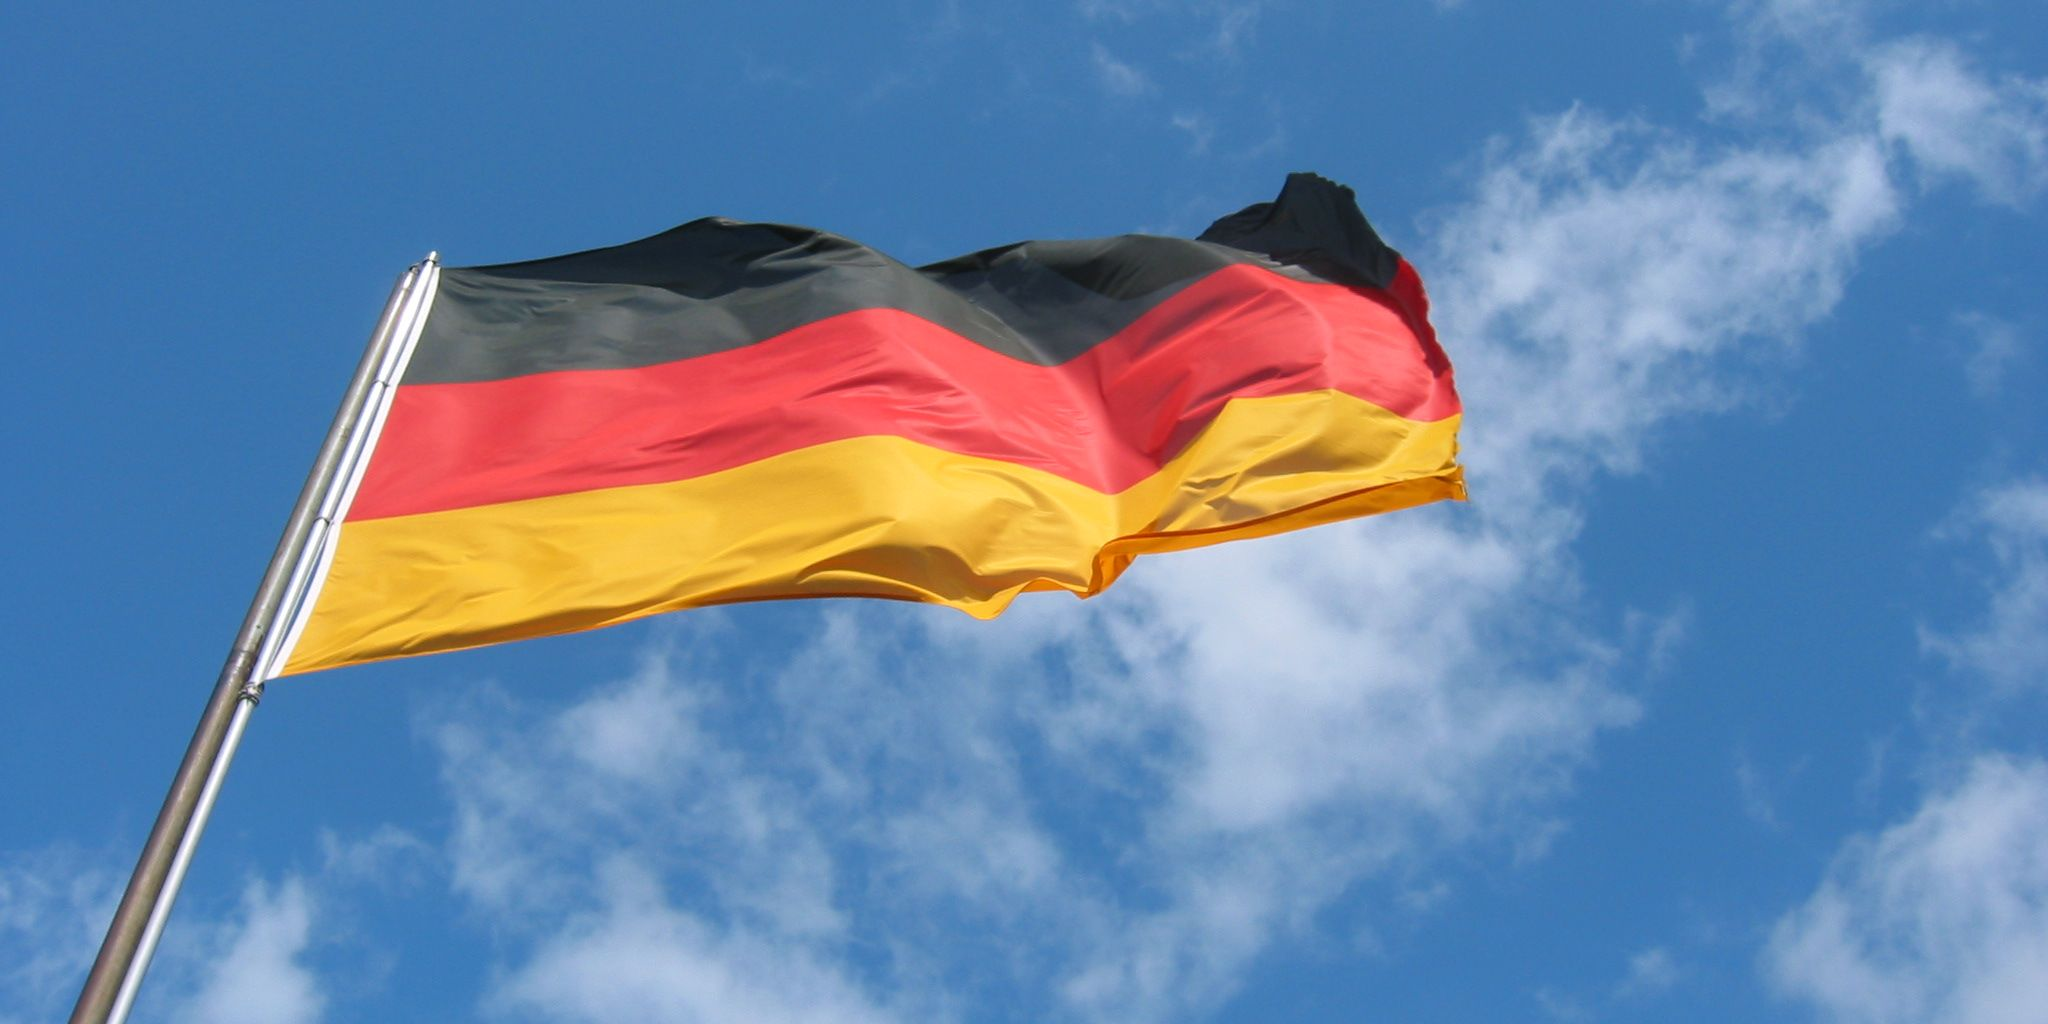 Γερμανία: Απότομη πτώση στις τιμές παραγωγού τον Μάρτιο